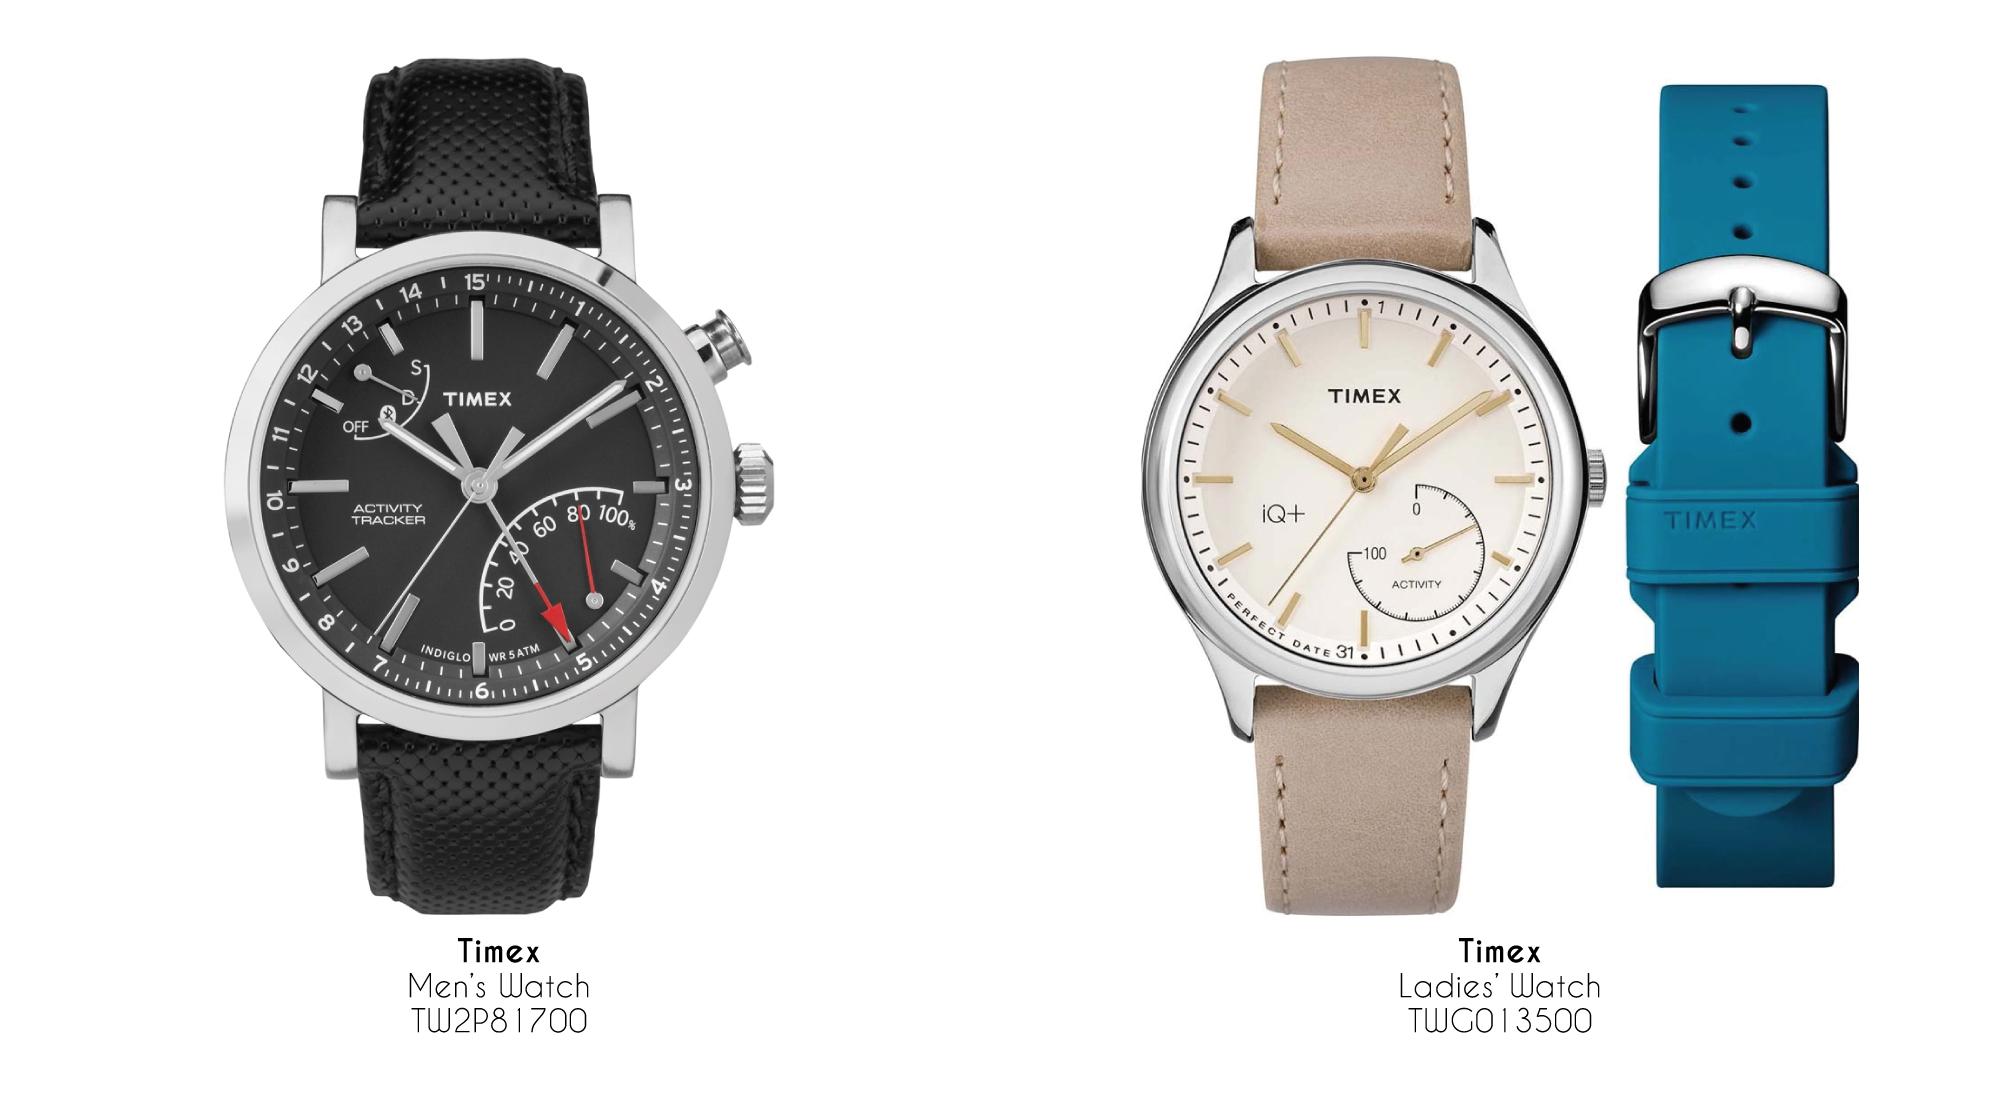 5 Hyrbid Watch Brands Timex